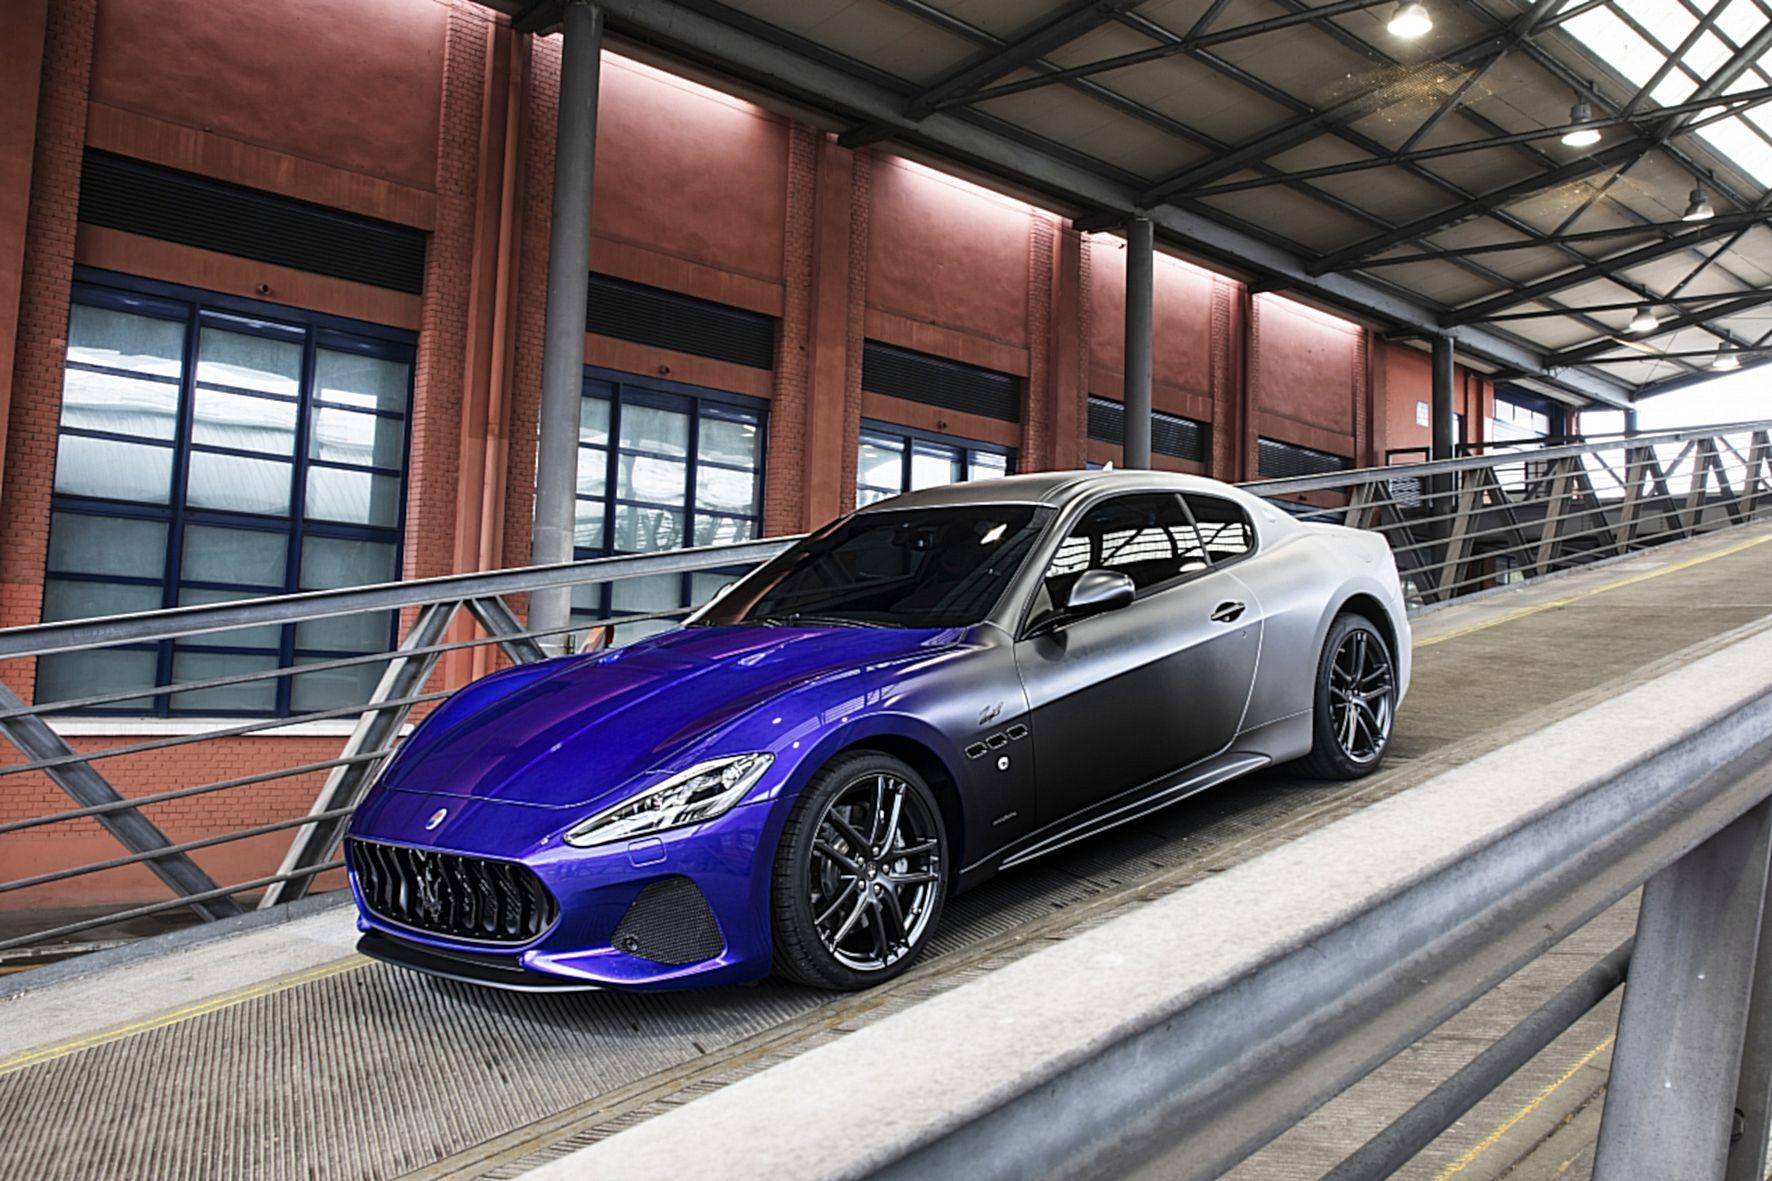 Der Zeta soll durch eine spezielle Farbgebung den Aufbruch von Maserati in die Zukunft symbolisieren.